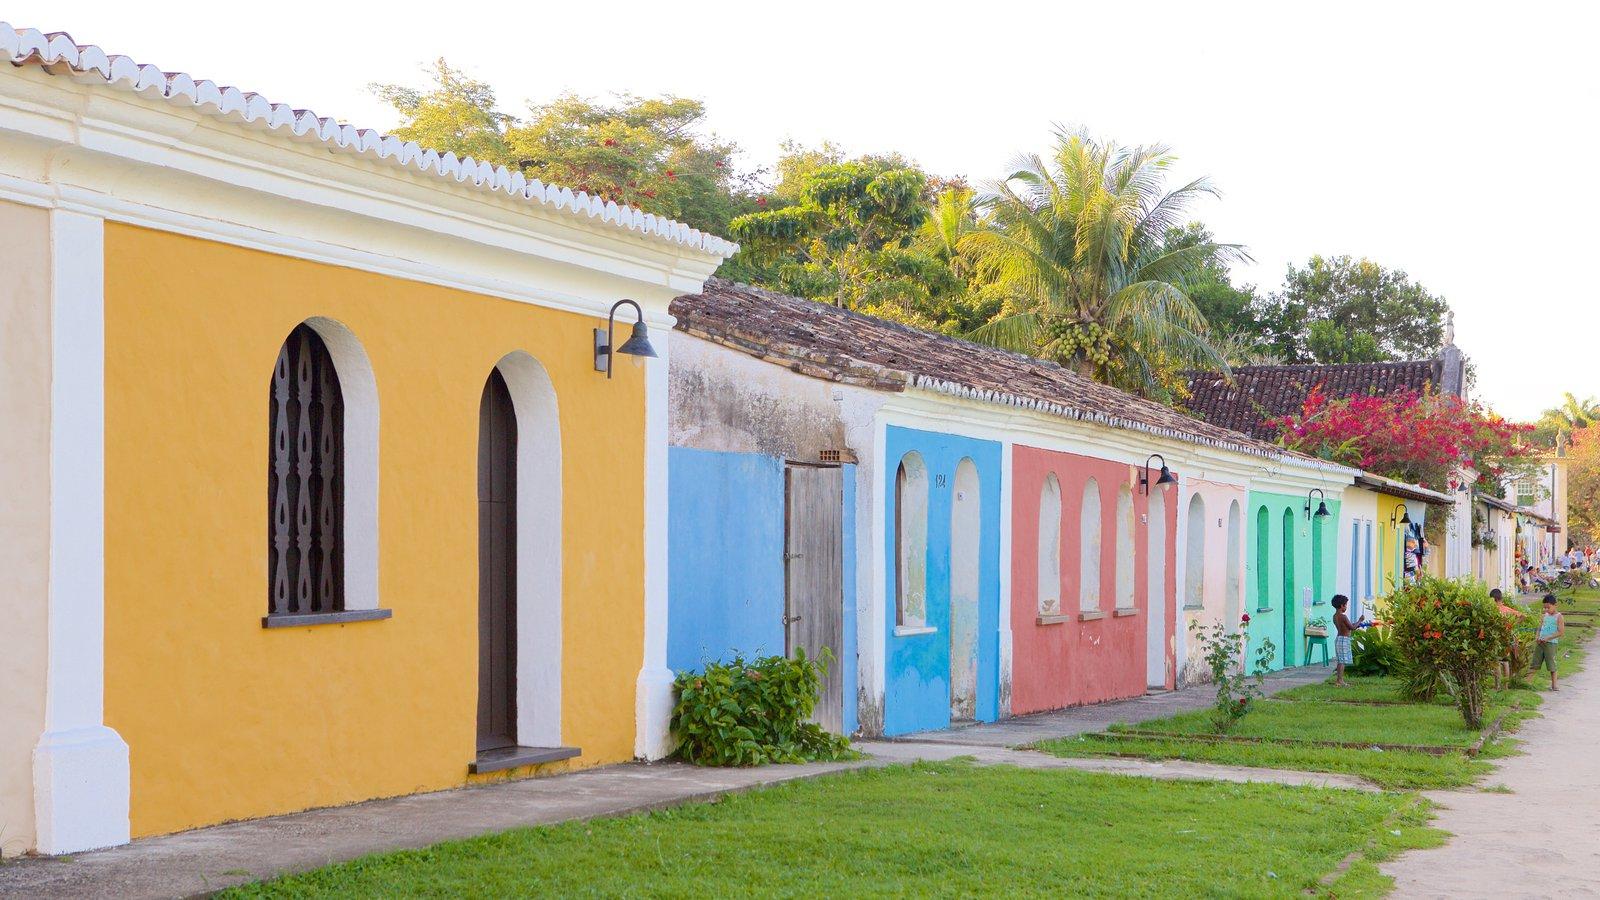 Porto Seguro mostrando um jardim e uma casa